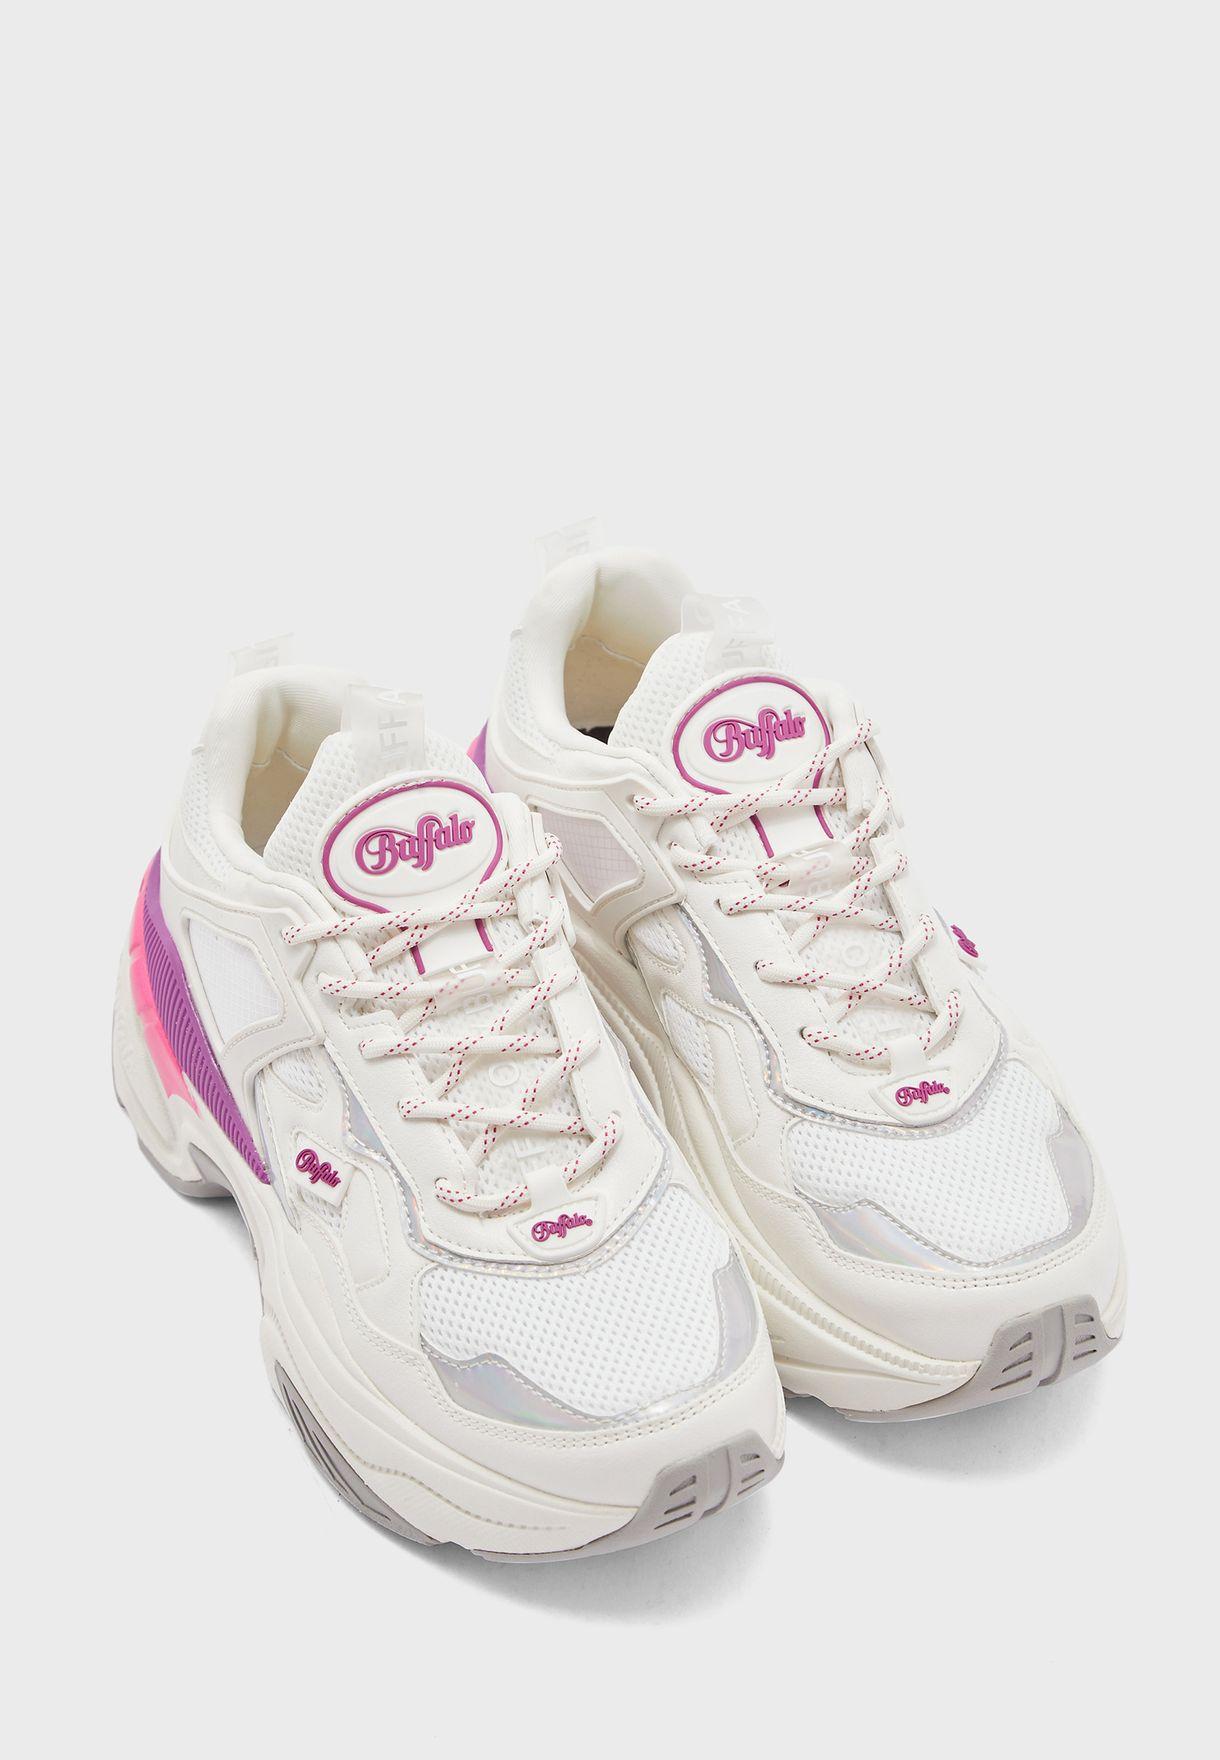 Fierce P3 Low Top Sneaker